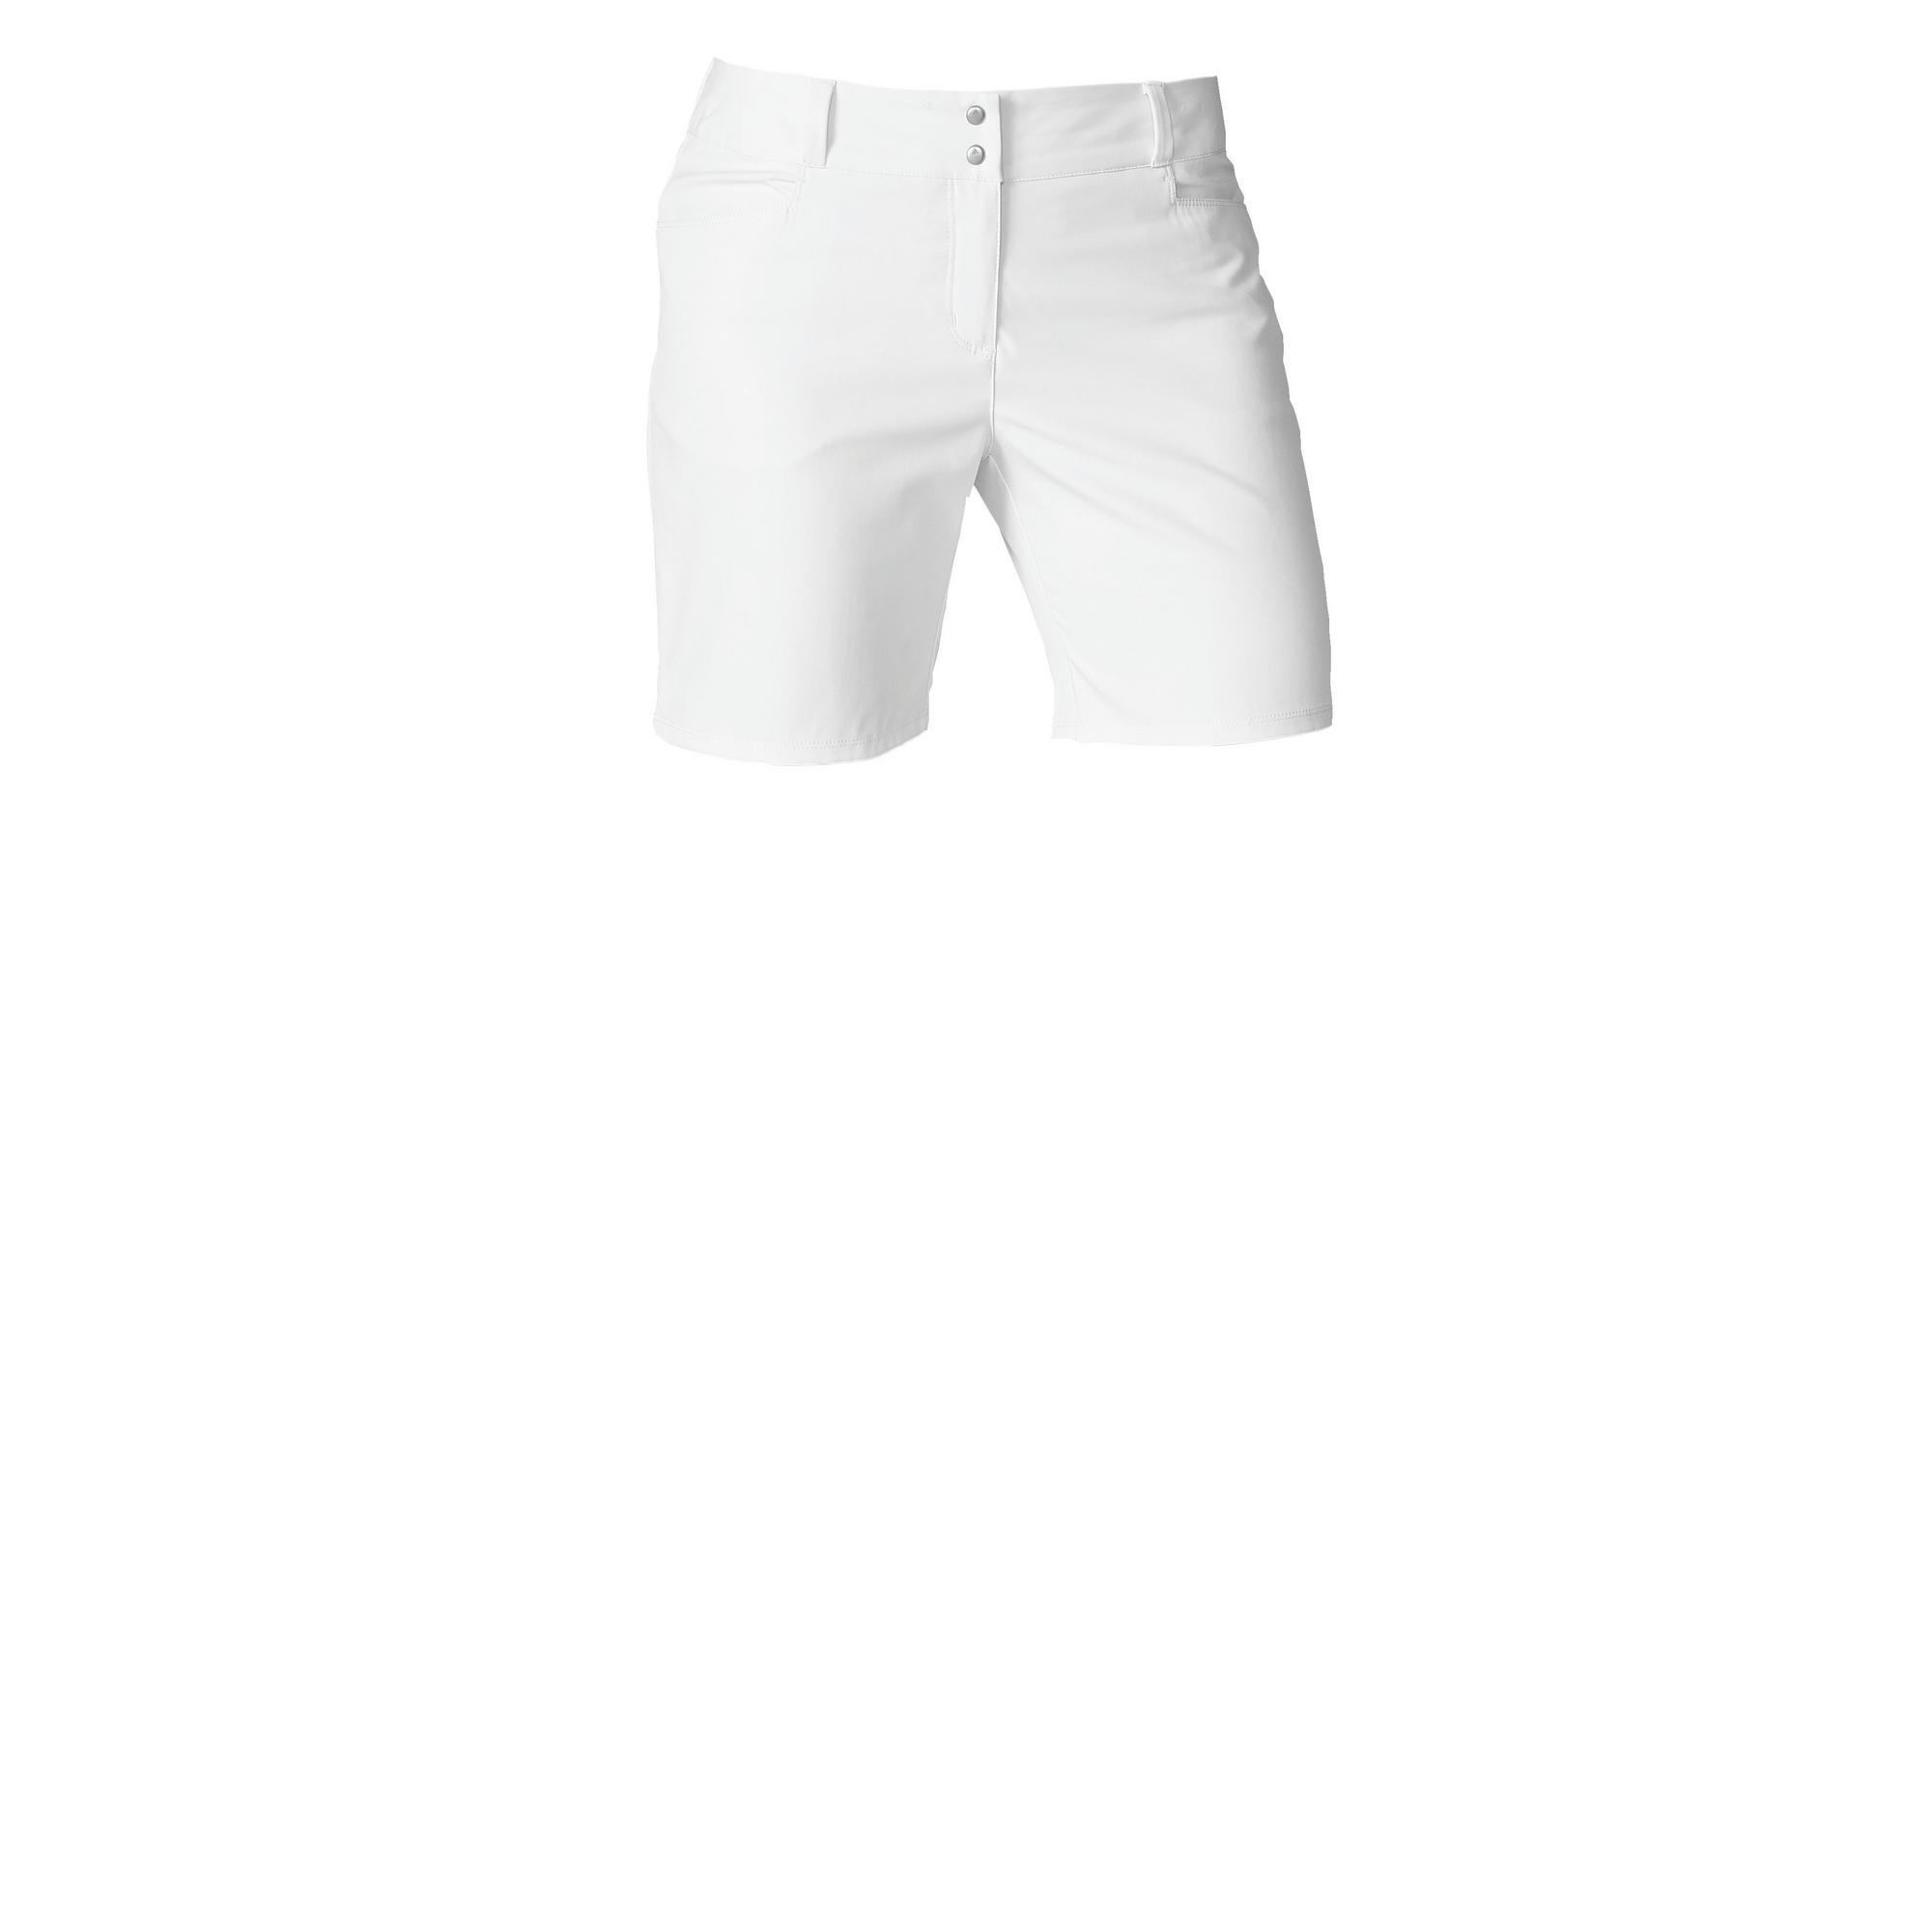 Women's 7 Inch Solid Short